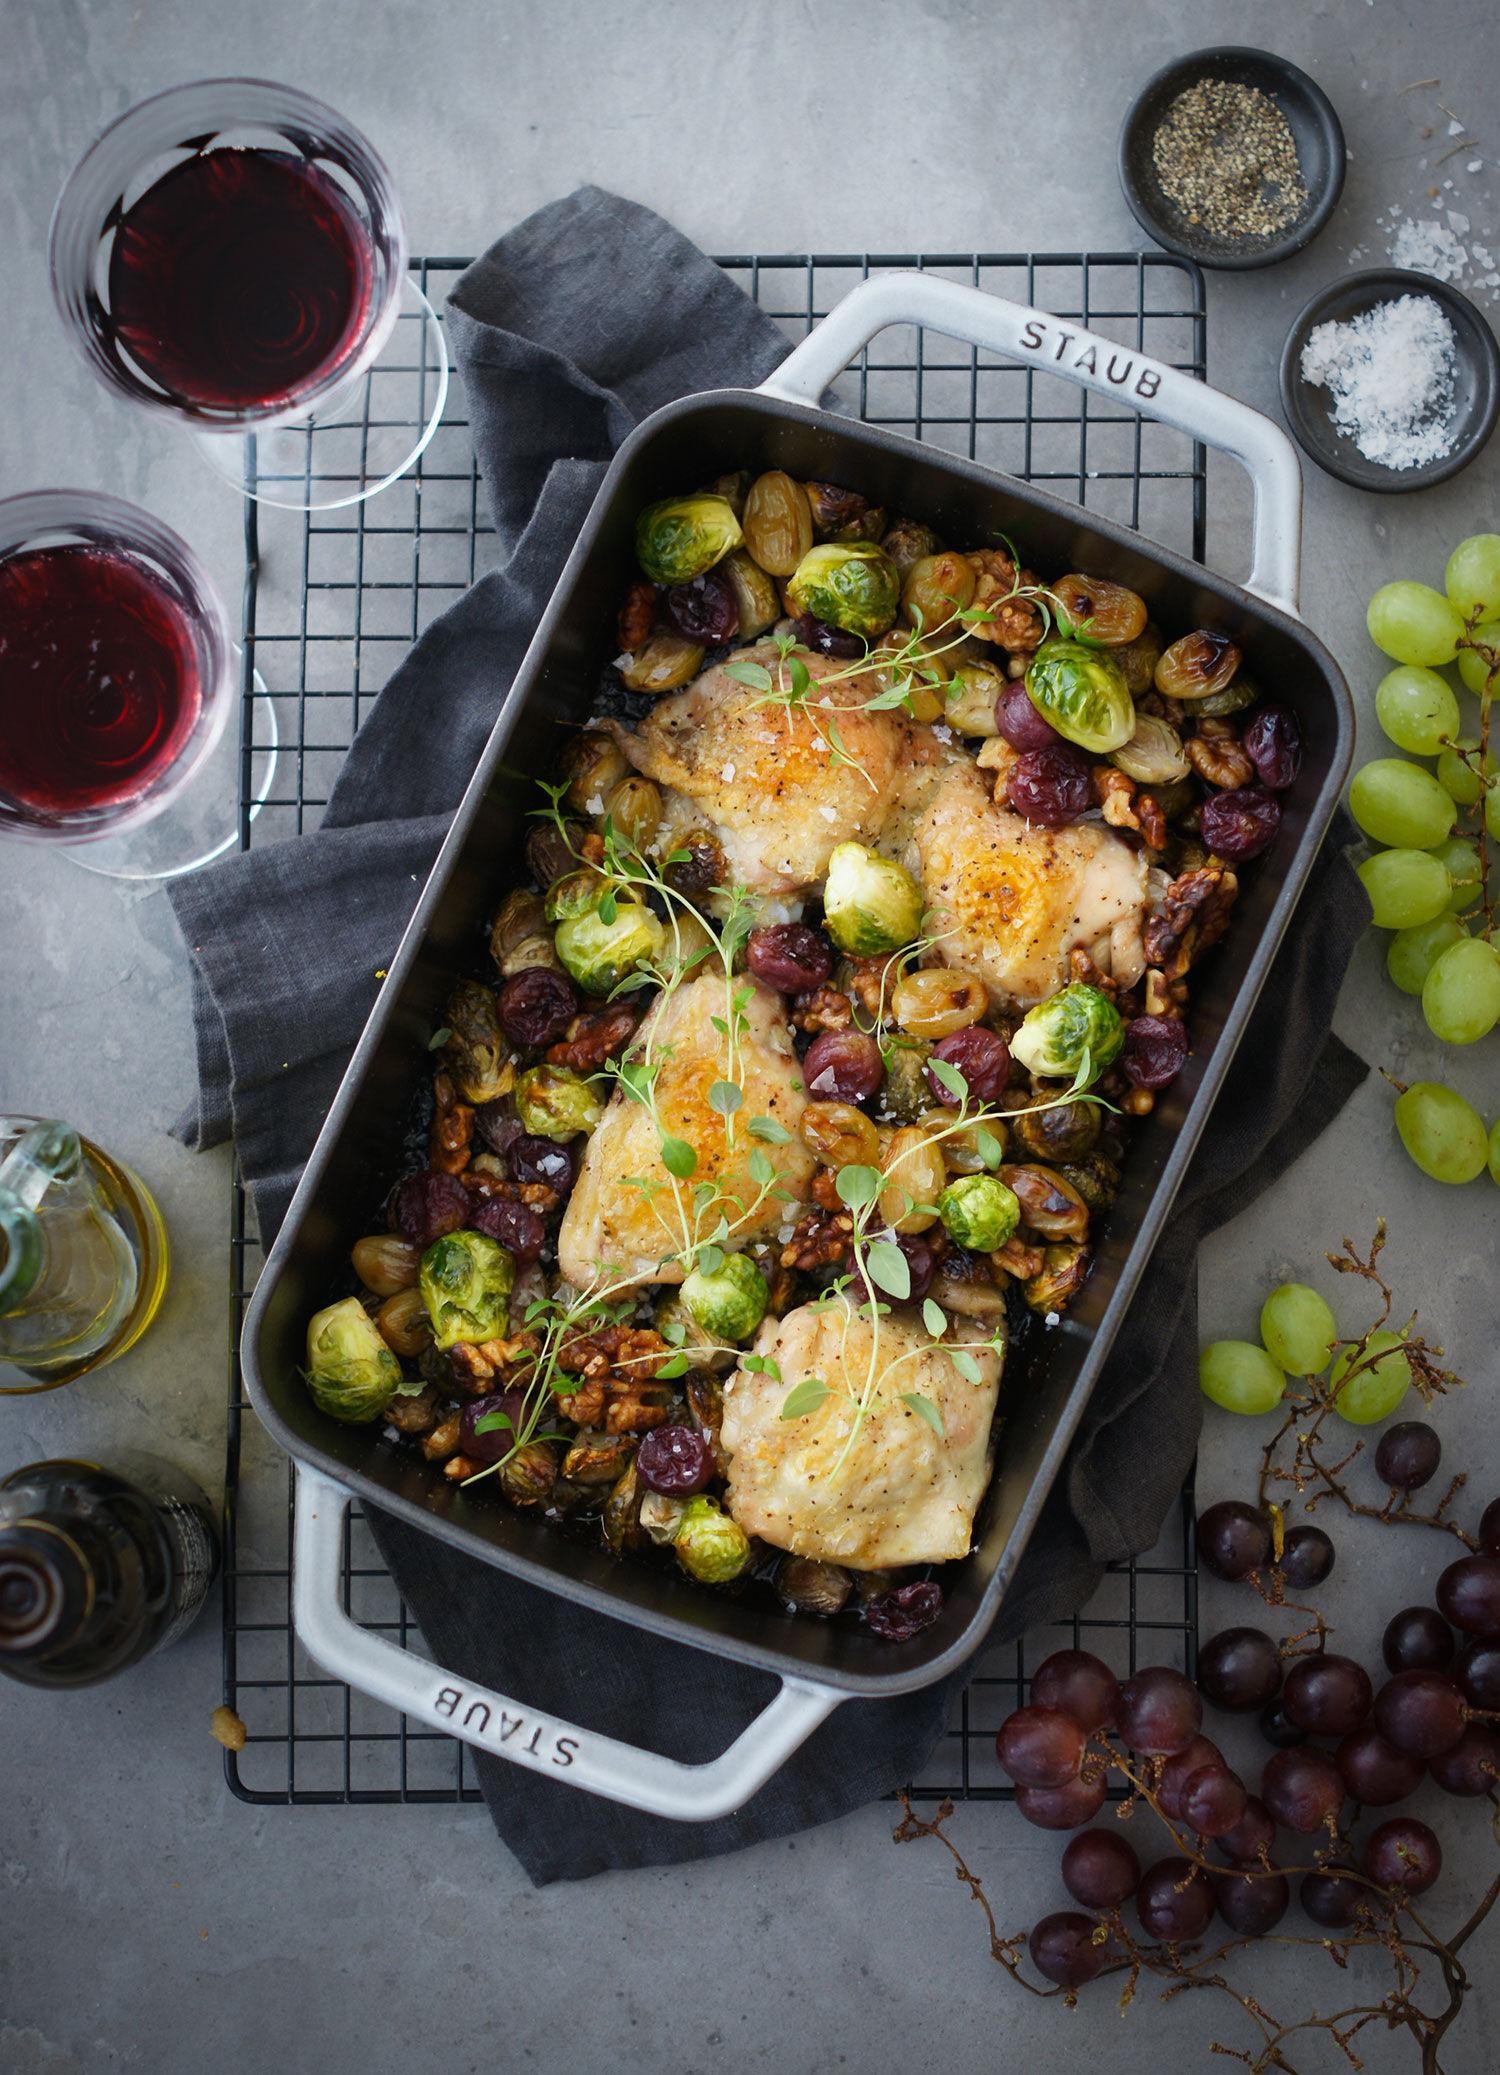 Allt-i-ett ugnsbakat kycklinglår med brysselkål, druvor och valnötter i ugndform